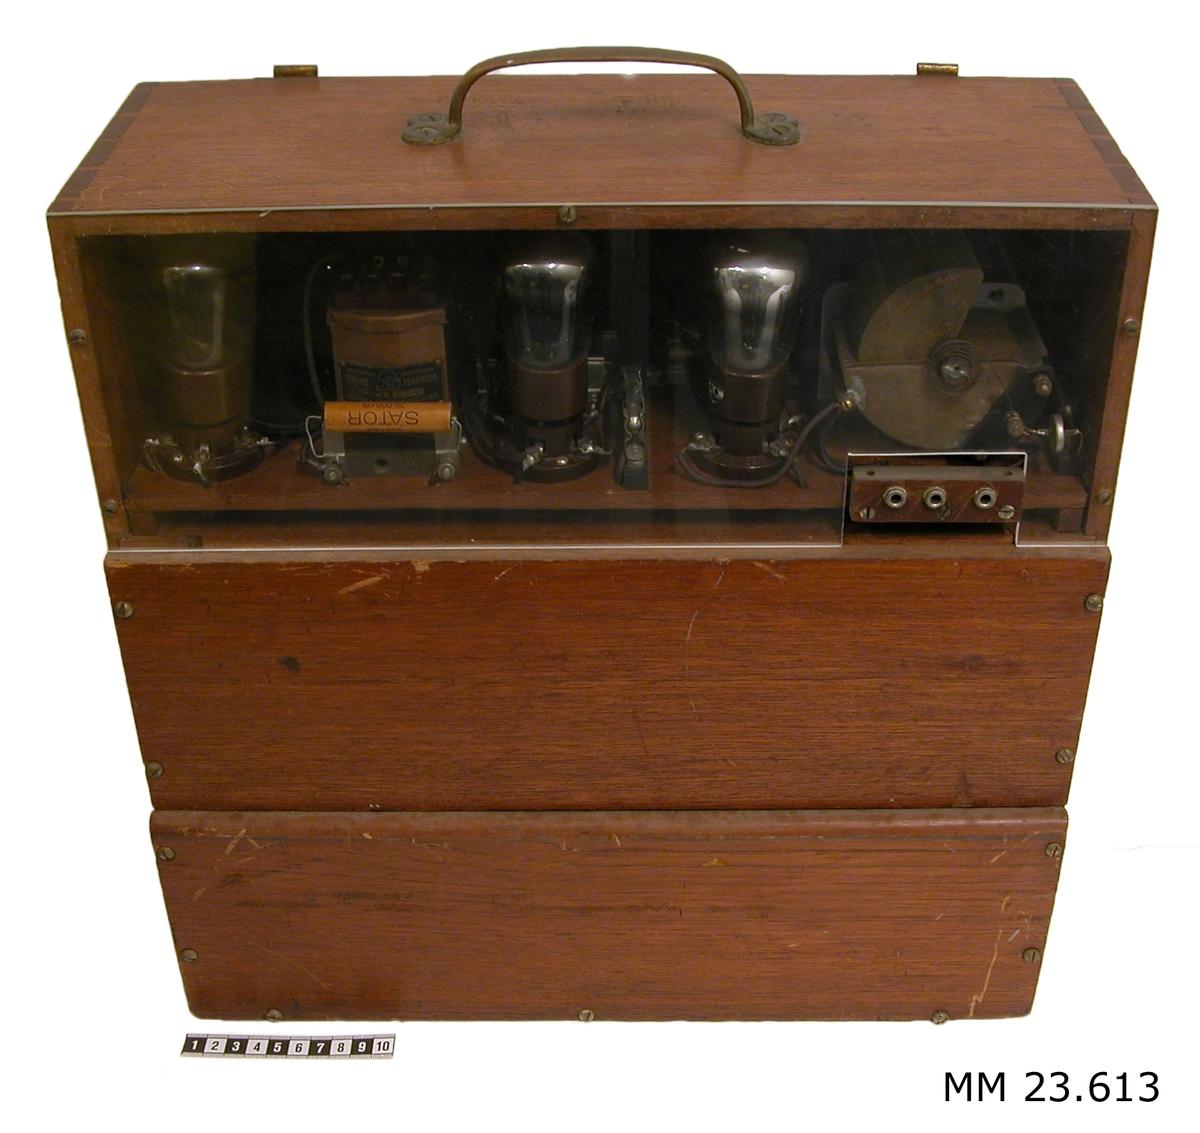 """Rörvågmeter monterad i trälåda med ett bärhandtag av mässing på ovansidan.  Den raktangulära lådan är upptill på framsidan försedd med ett plexiglasfönster varigenom det går att se instrumentets delar såsom lampor och metalldetaljer. I fönstrets nedre högra hörn finns tre stycken anslutningsöppningar. På baksidan sitter instrumentets manöverdon. Där finns ett antal manöverspakar märkta """"Till"""" och """"Från"""" samt två stycken visare med vit och ljusgul visarbakgrund. I manöverkontrollens nederkant sitter en transparant lampa. Under kontrollpanelen finns ett utrymme varifrån det går två stycken tygklädda kablar försedda med en klämma i respektive ände. Till utrymmet finns en lucka som på insidan är tryckt i vitt med tre kronor och under dessa finns ett """"M"""". Luckan är inte komplett utan bara en del av baksidan täcks av den."""